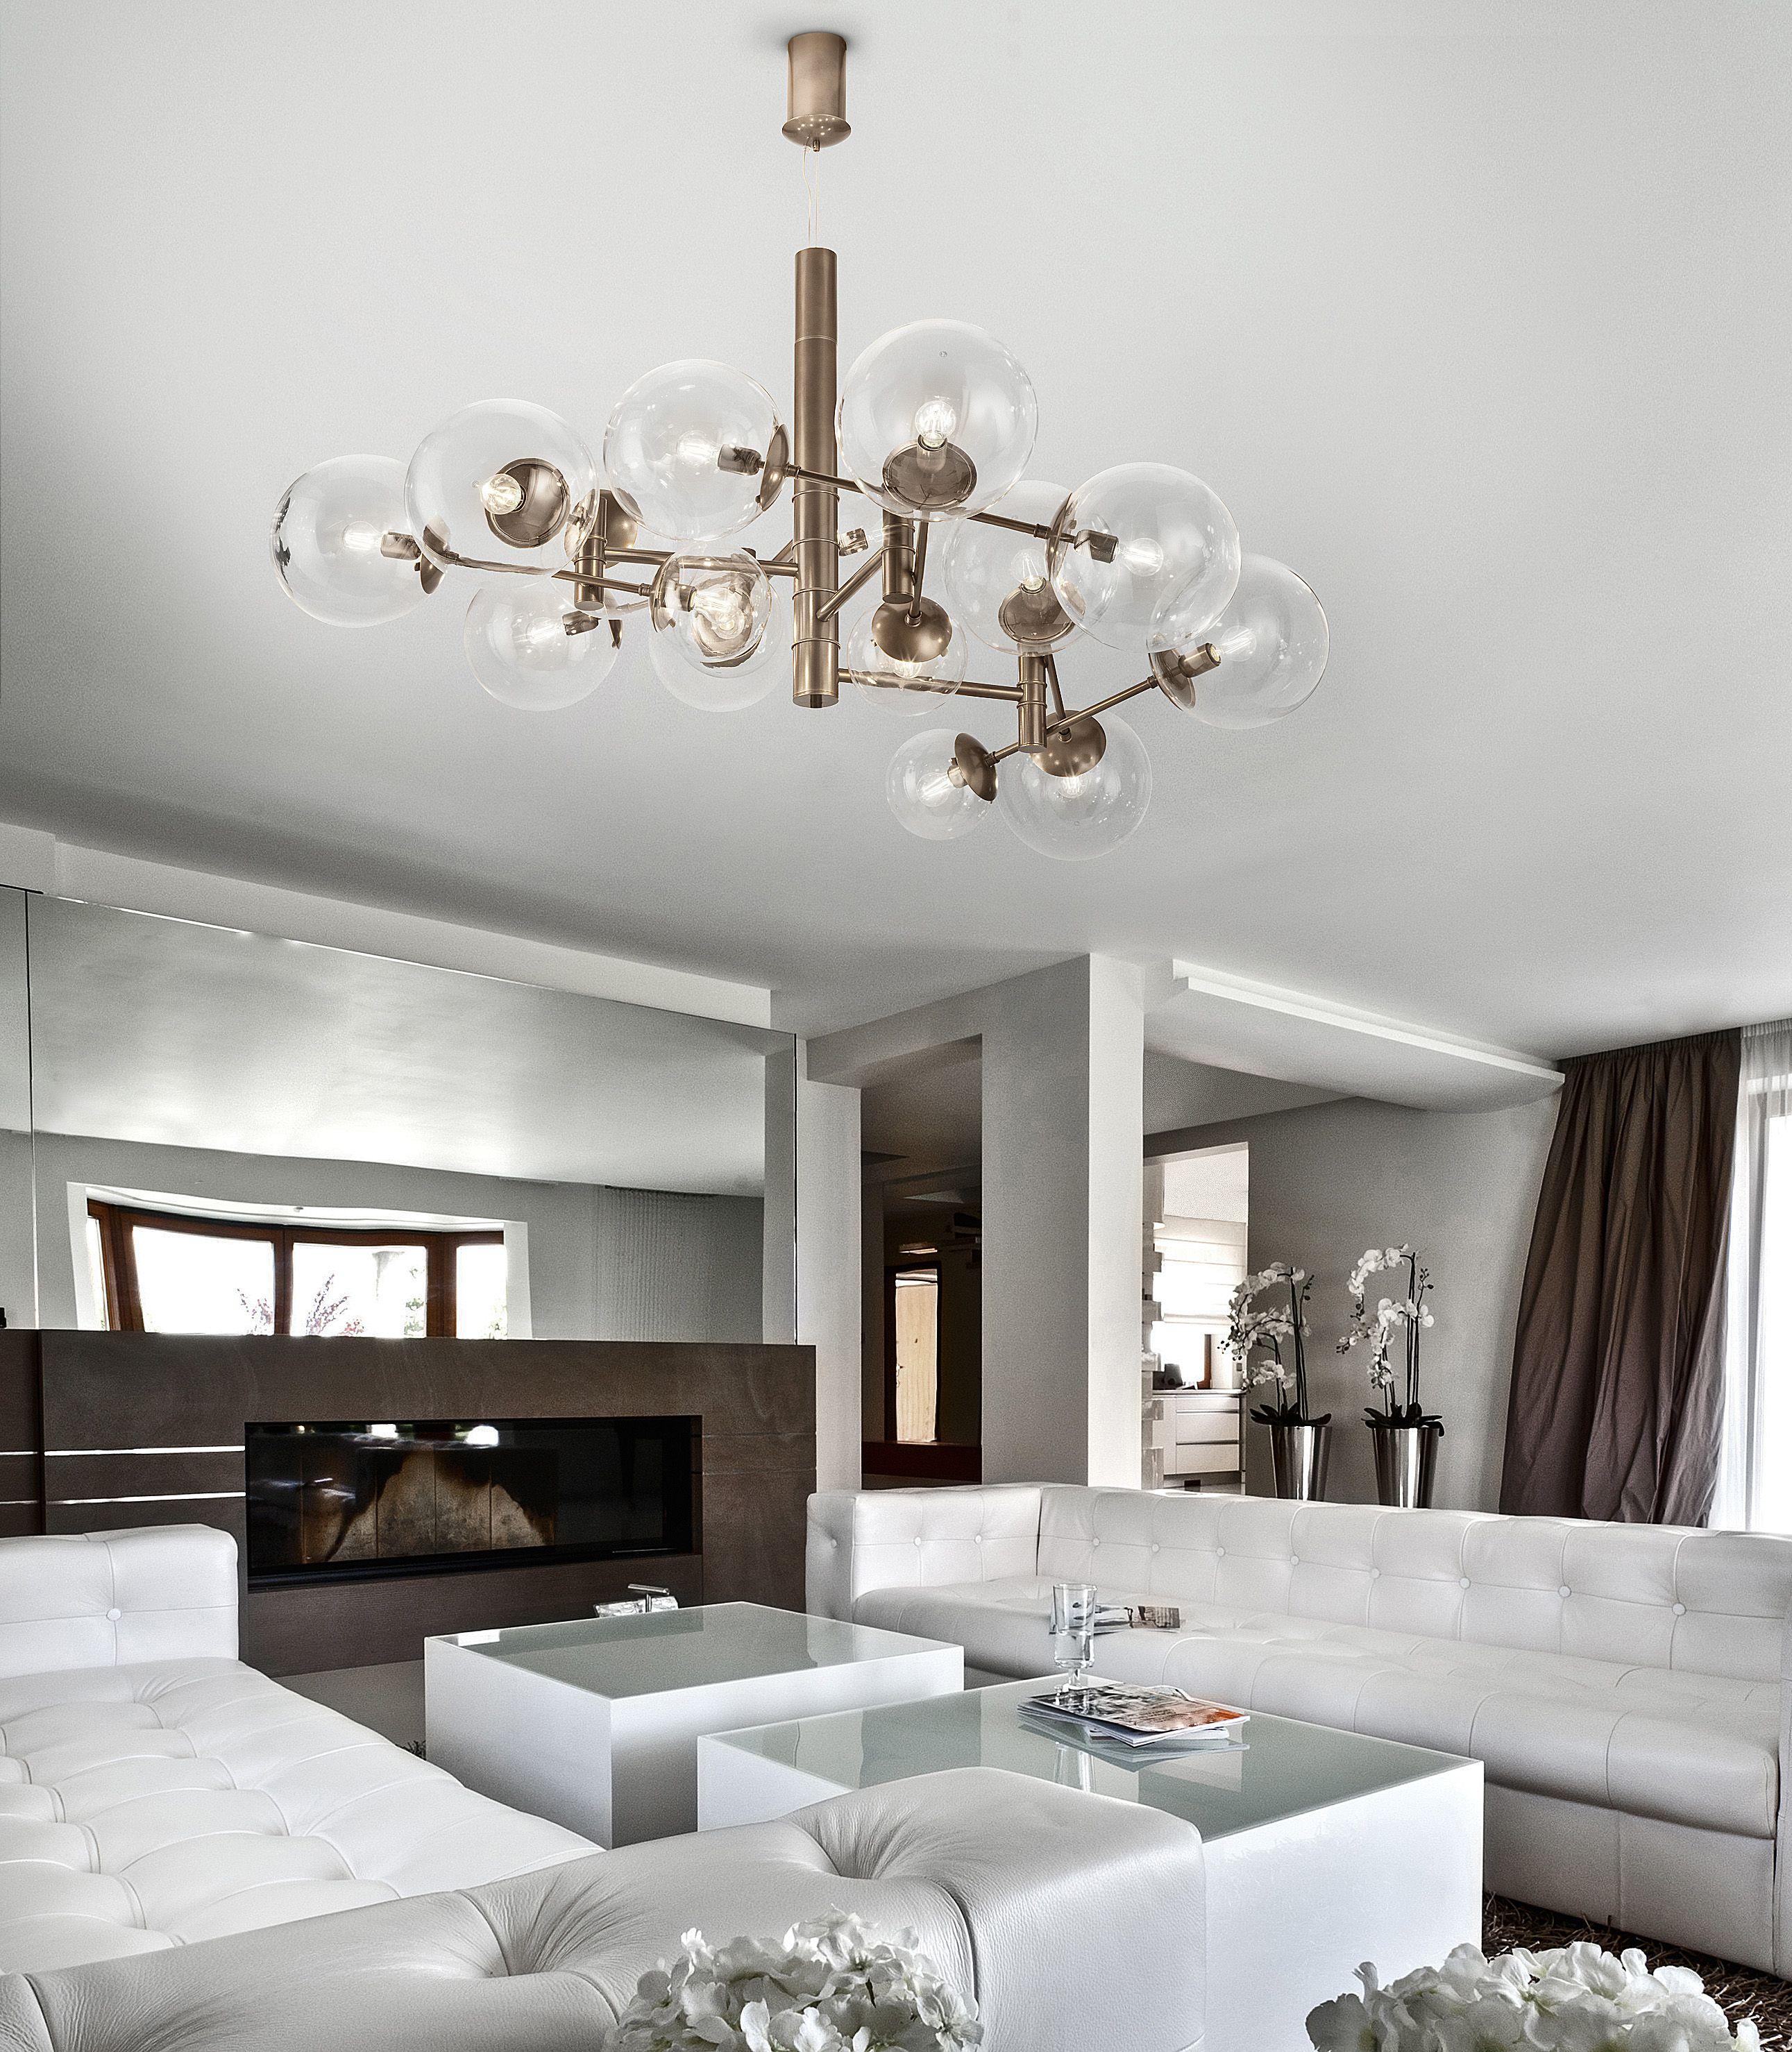 Global 16Light Pendant Living room lighting design